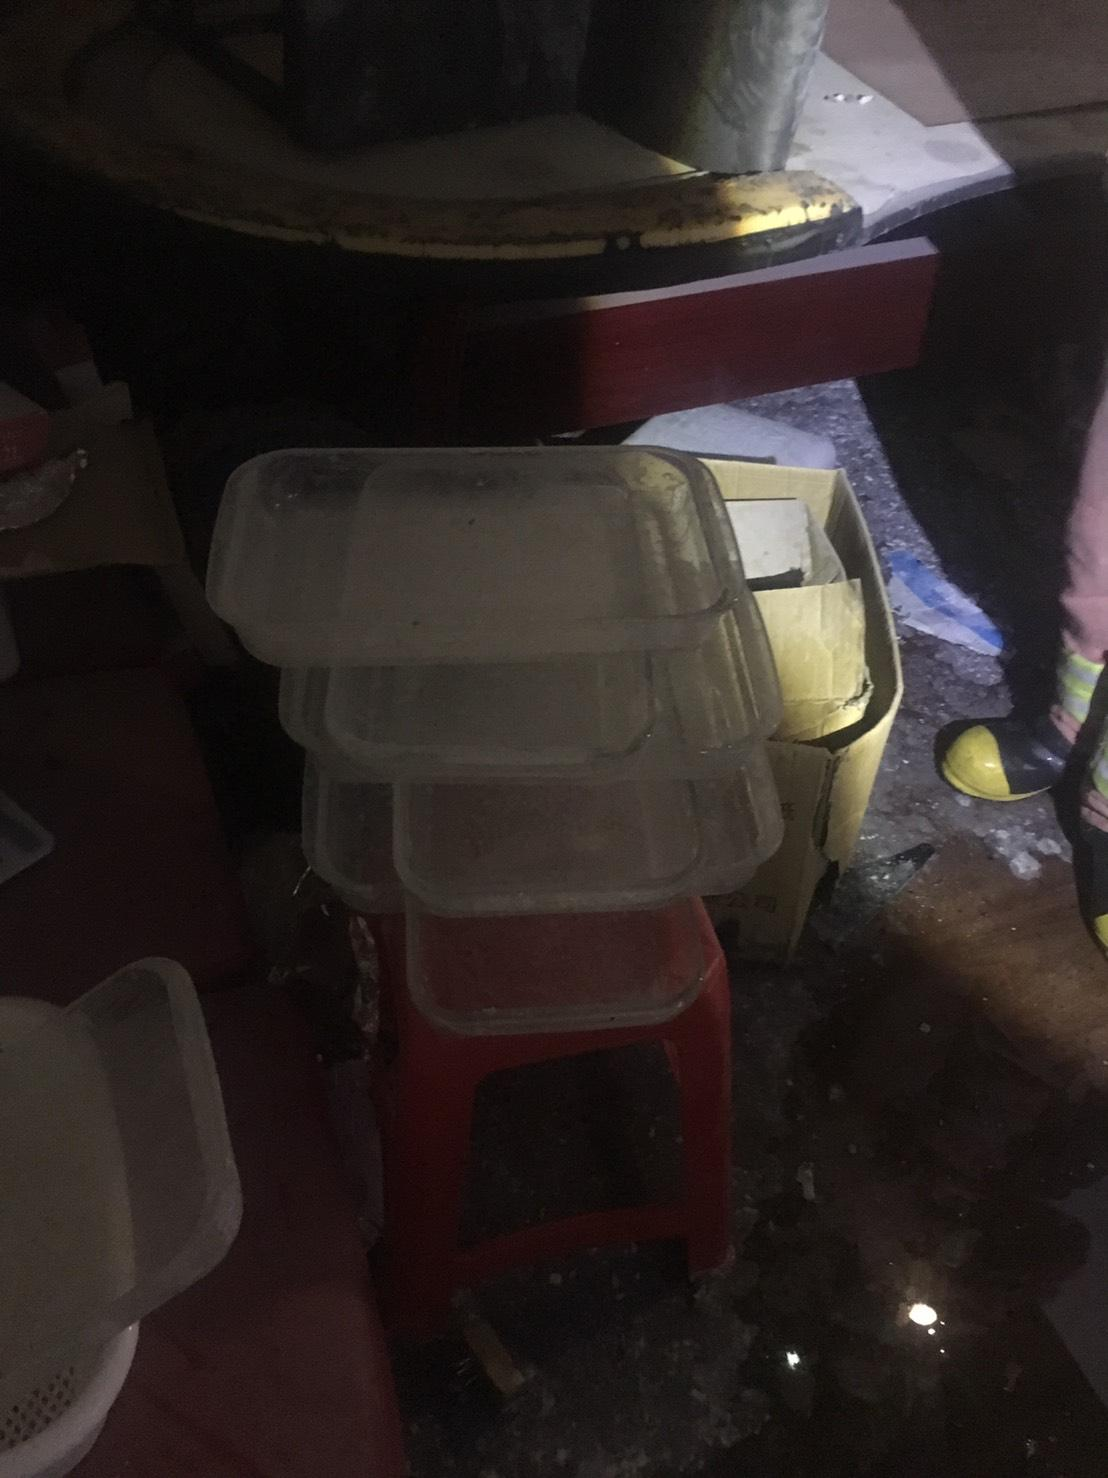 現場殘留大量不明藥物和器皿,還有重約200公克的K他命半成品。